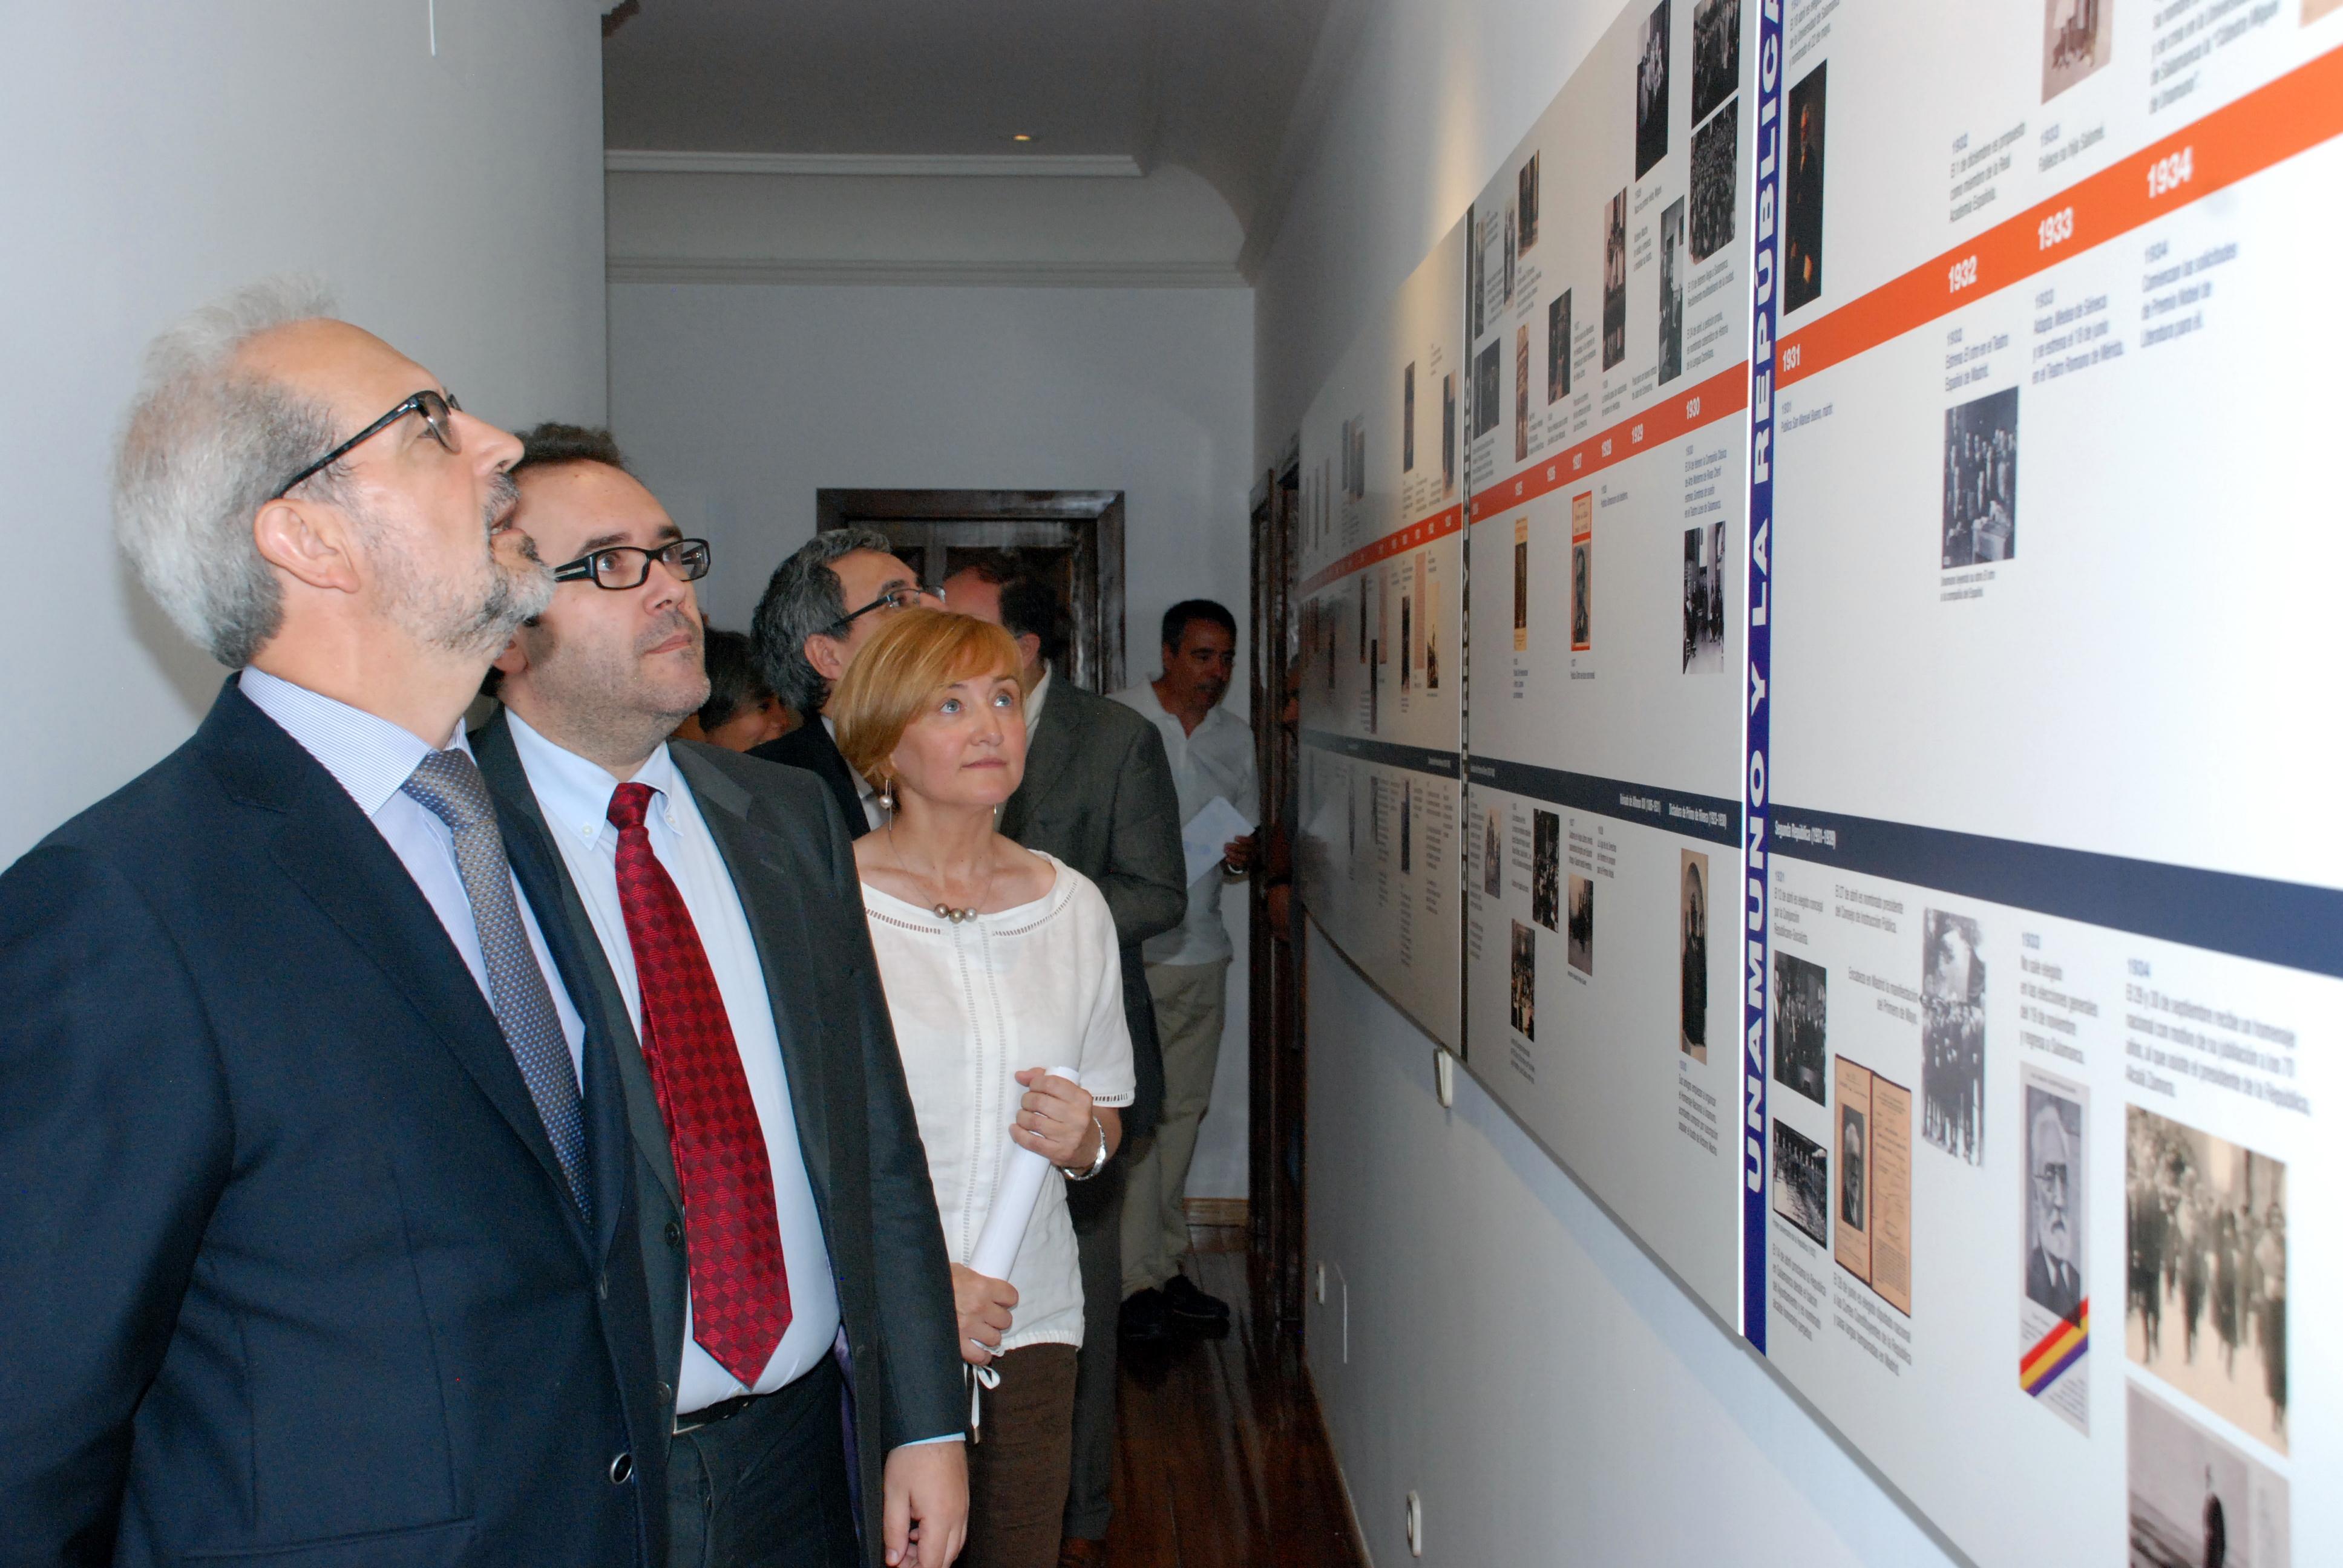 La intervención museística en la Casa Museo Unamuno inaugura el Proyecto Unamuno 2018 impulsado por la Universidad de Salamanca